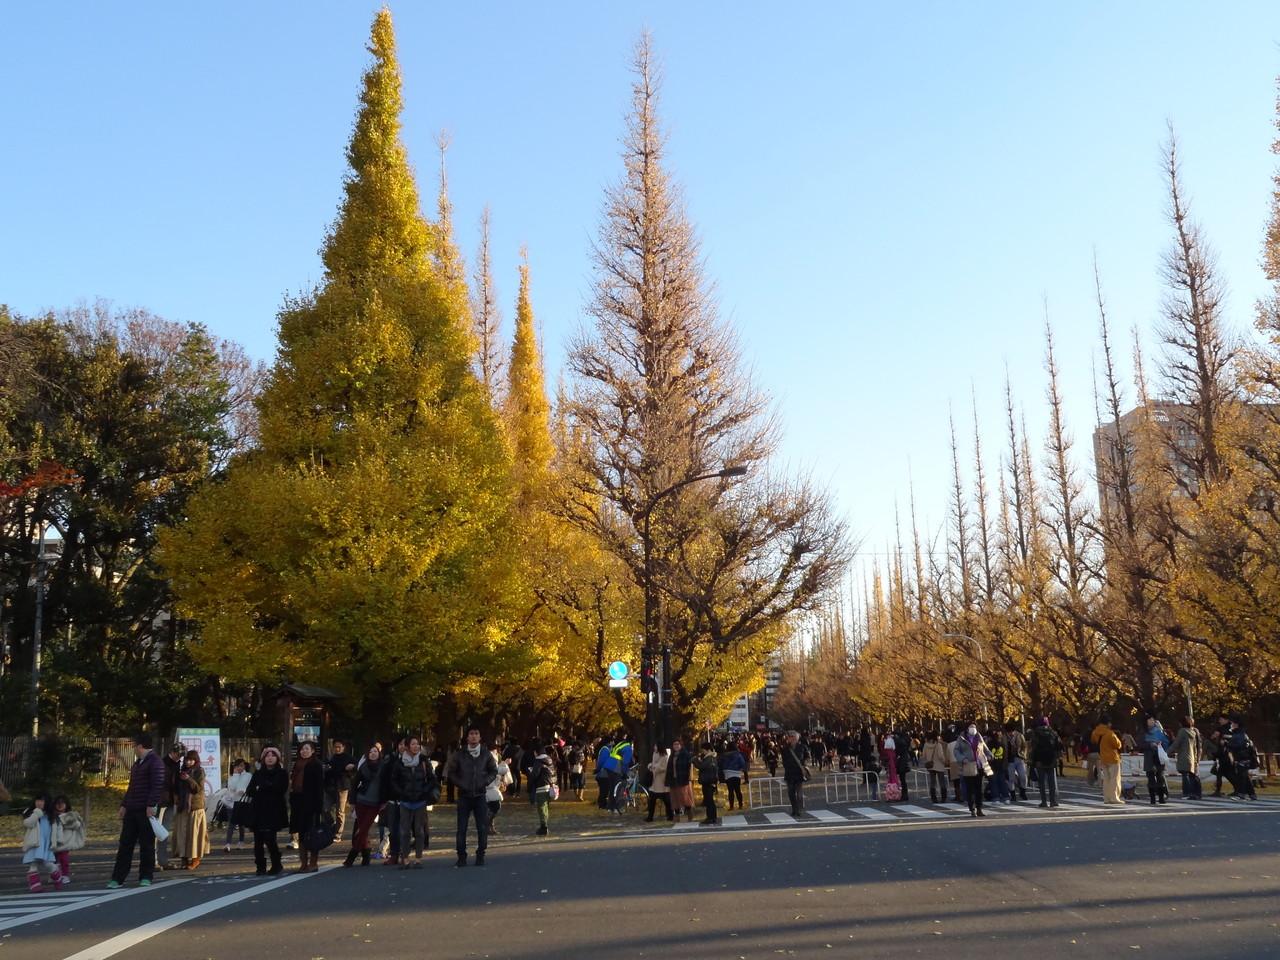 いちょう並木、絵画館前広場より青山通り方面を望む